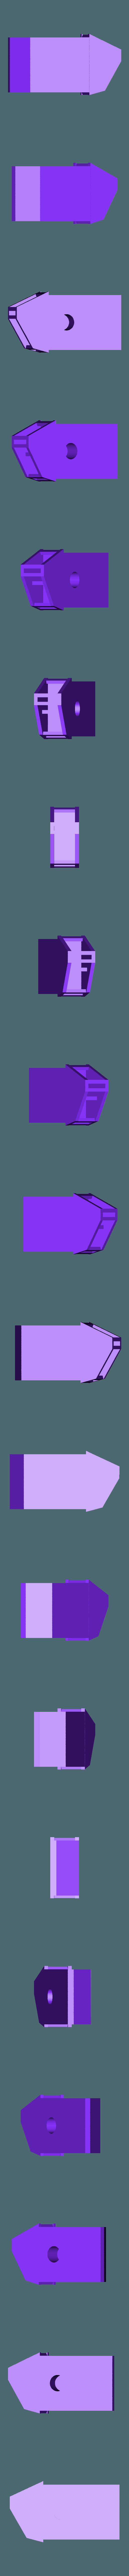 chandratop.stl Télécharger fichier STL gratuit Observatoire de rayons X de Chandra • Objet pour impression 3D, Mostlydecaf